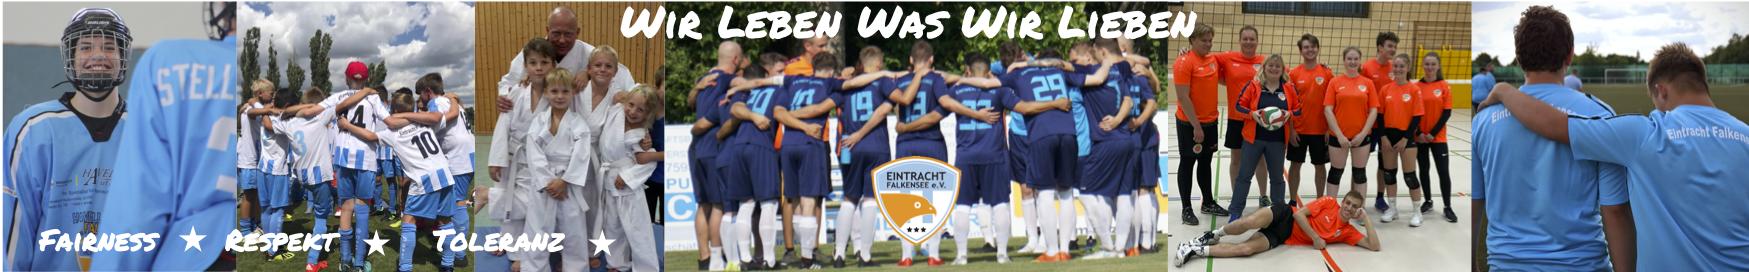 Eintracht Falkensee